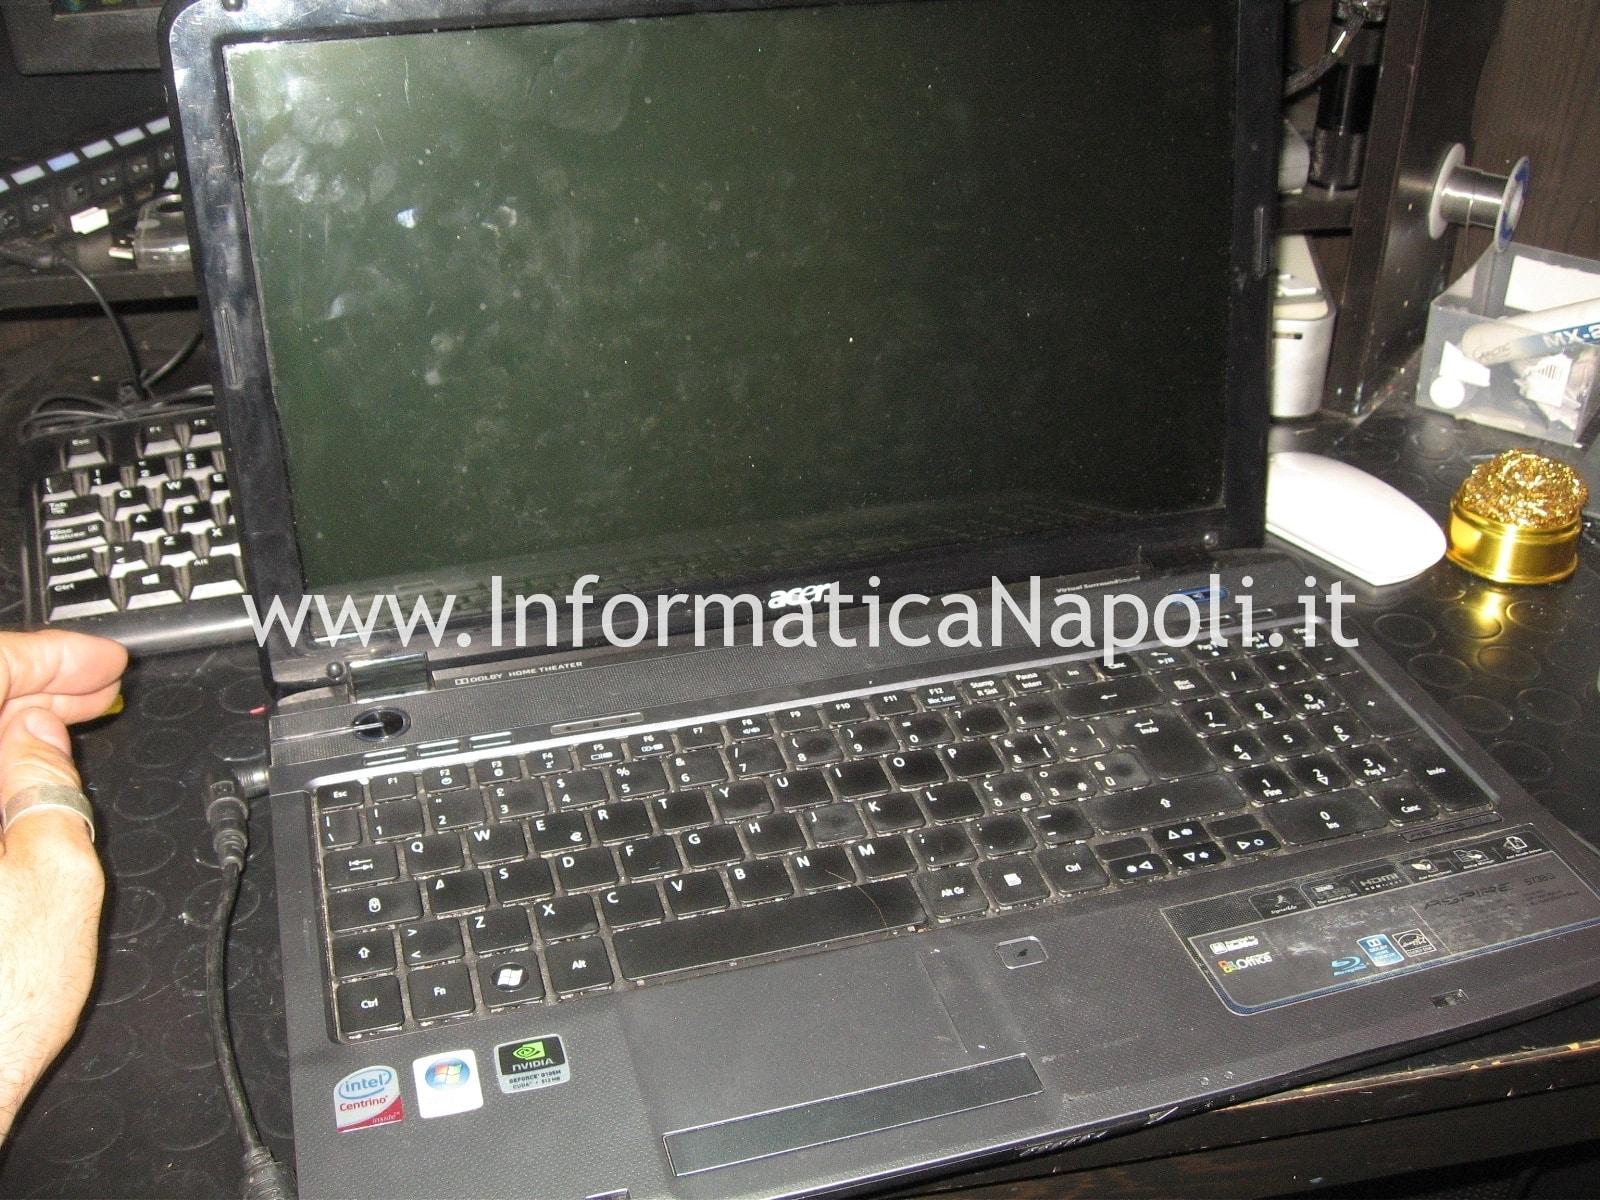 problema Acer Aspire 5738g